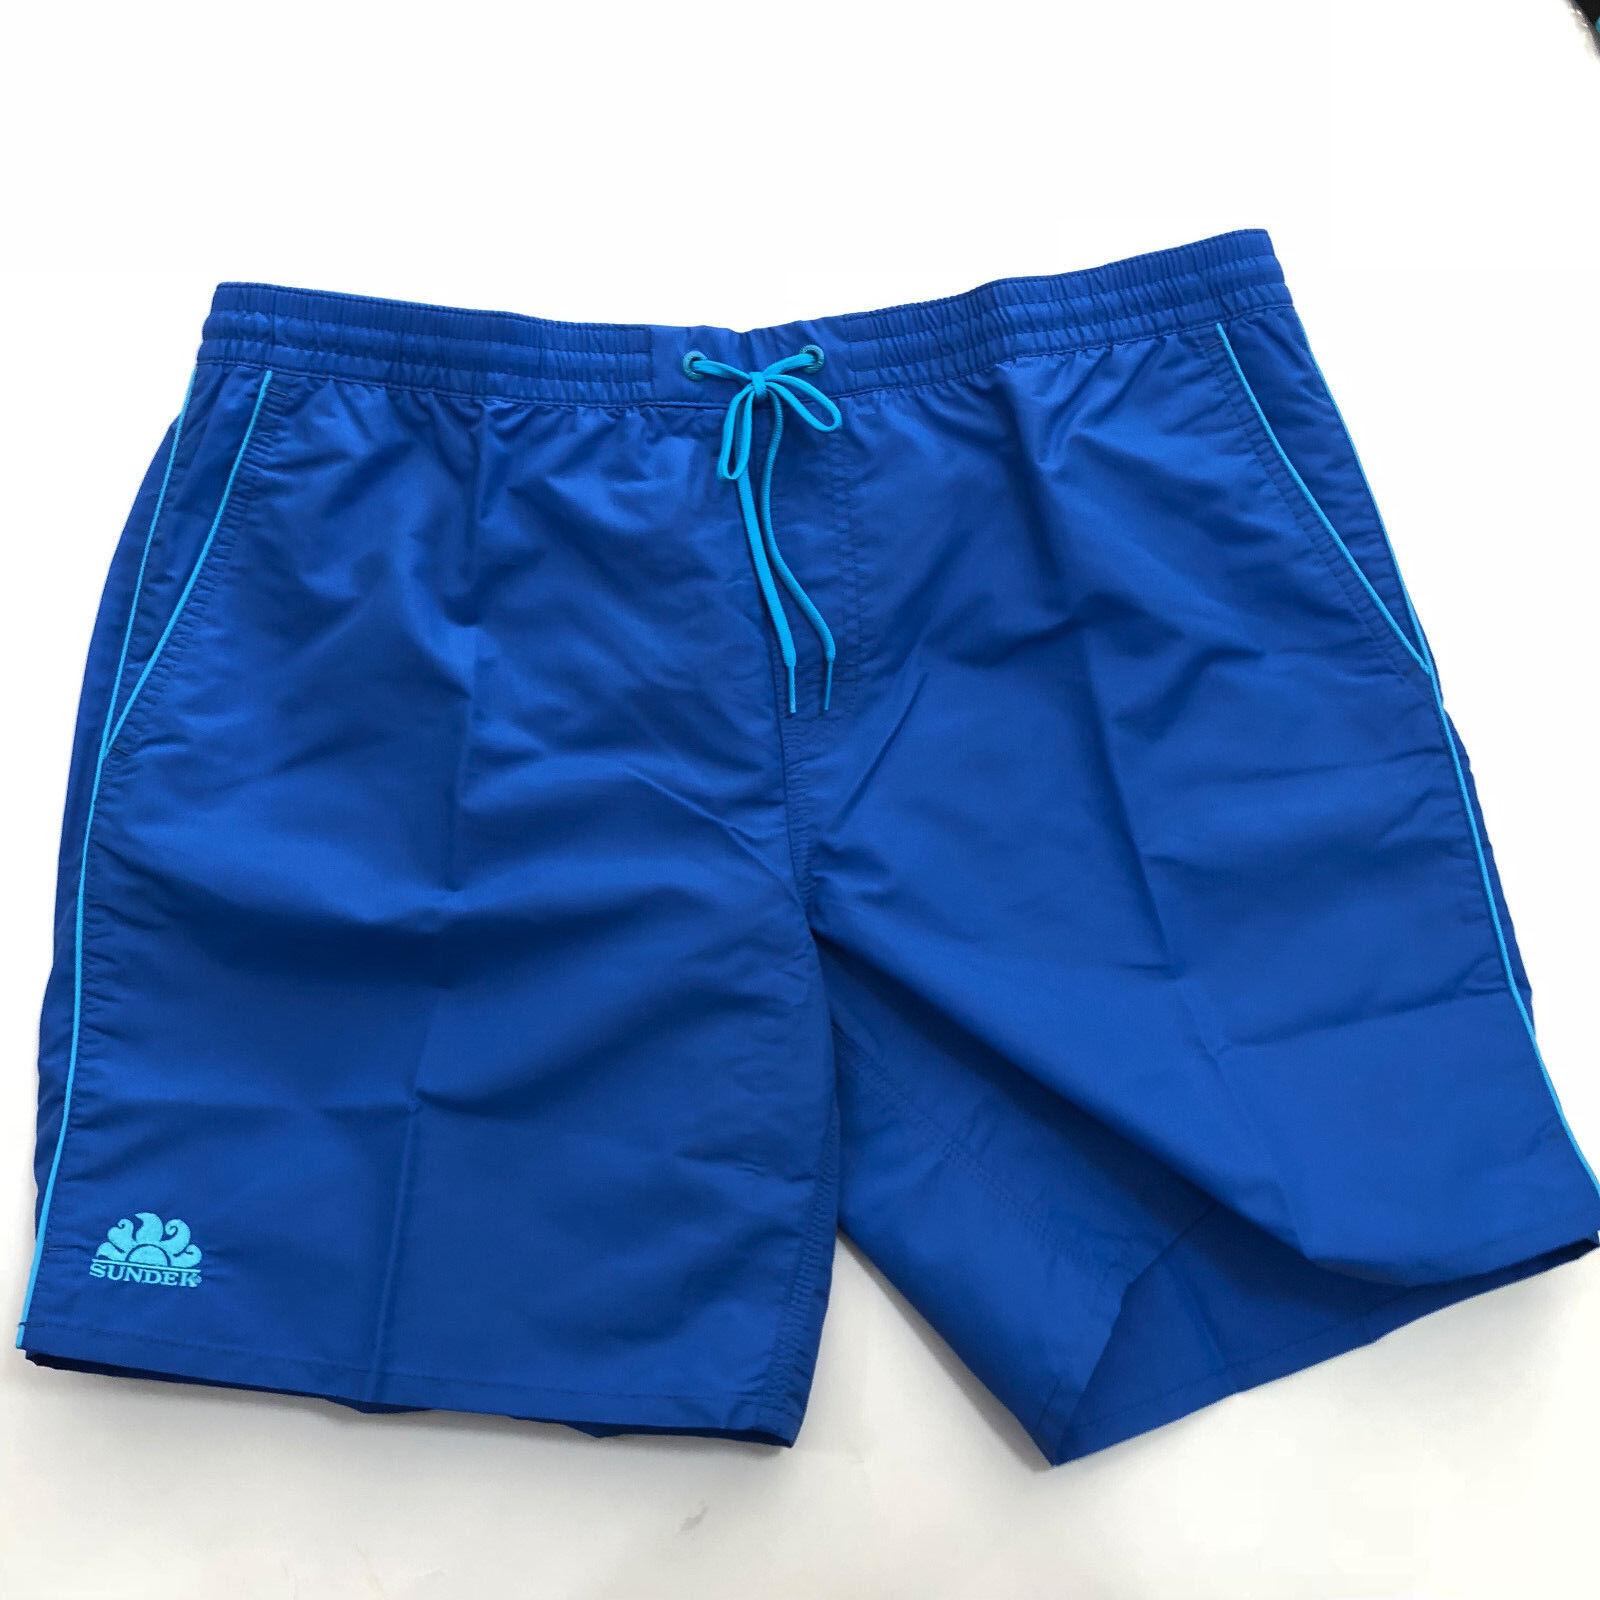 Costume Boxer SUNDEK men - Rosco Waist 13 Piping Fluo - blue Navy - M619B